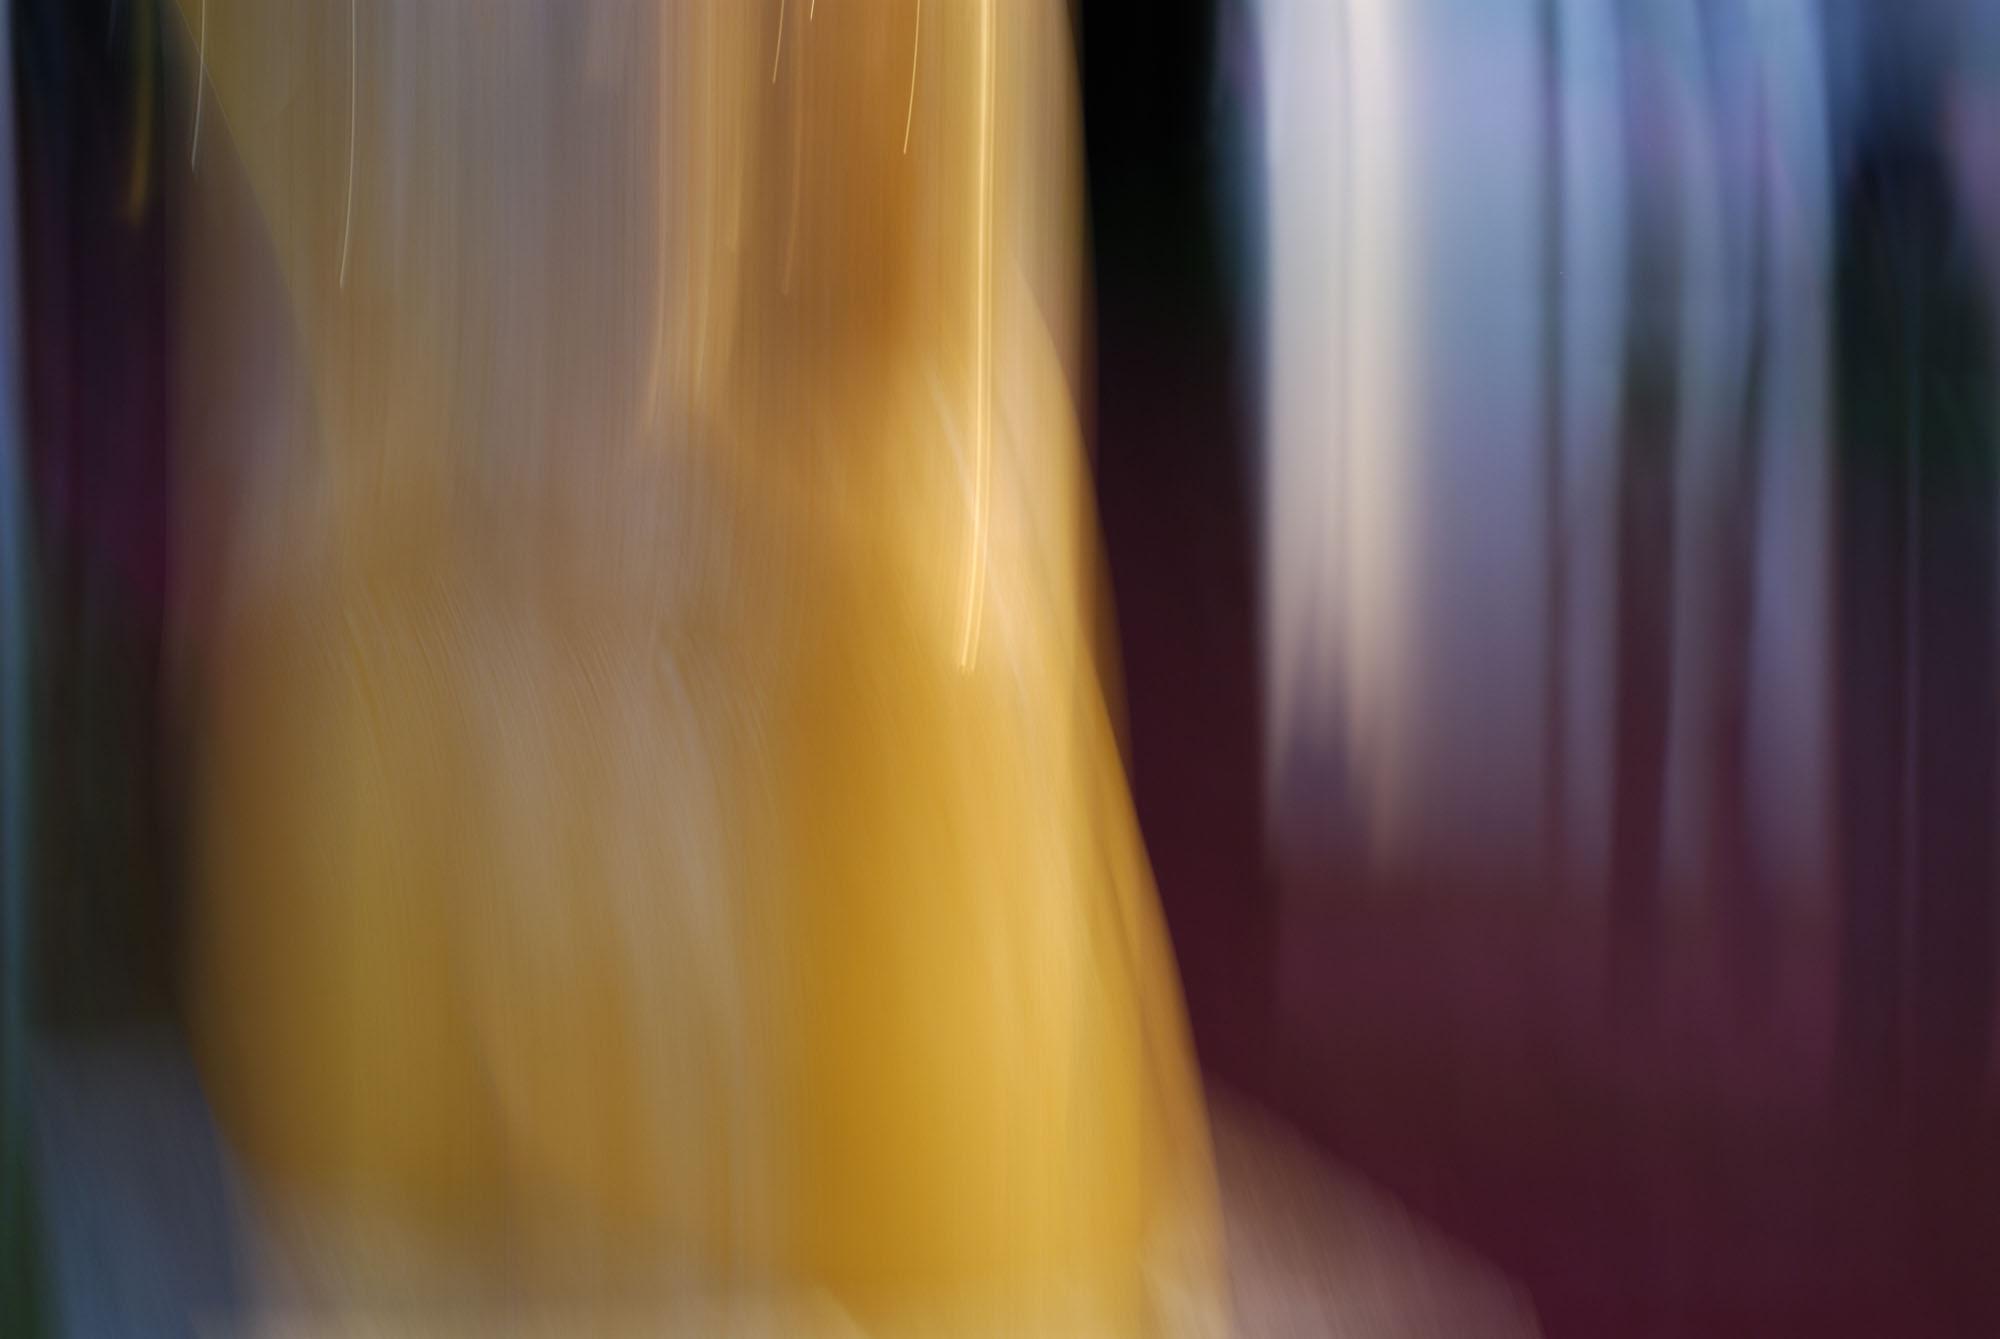 Foto van vage gele en blauwe vormen en paars